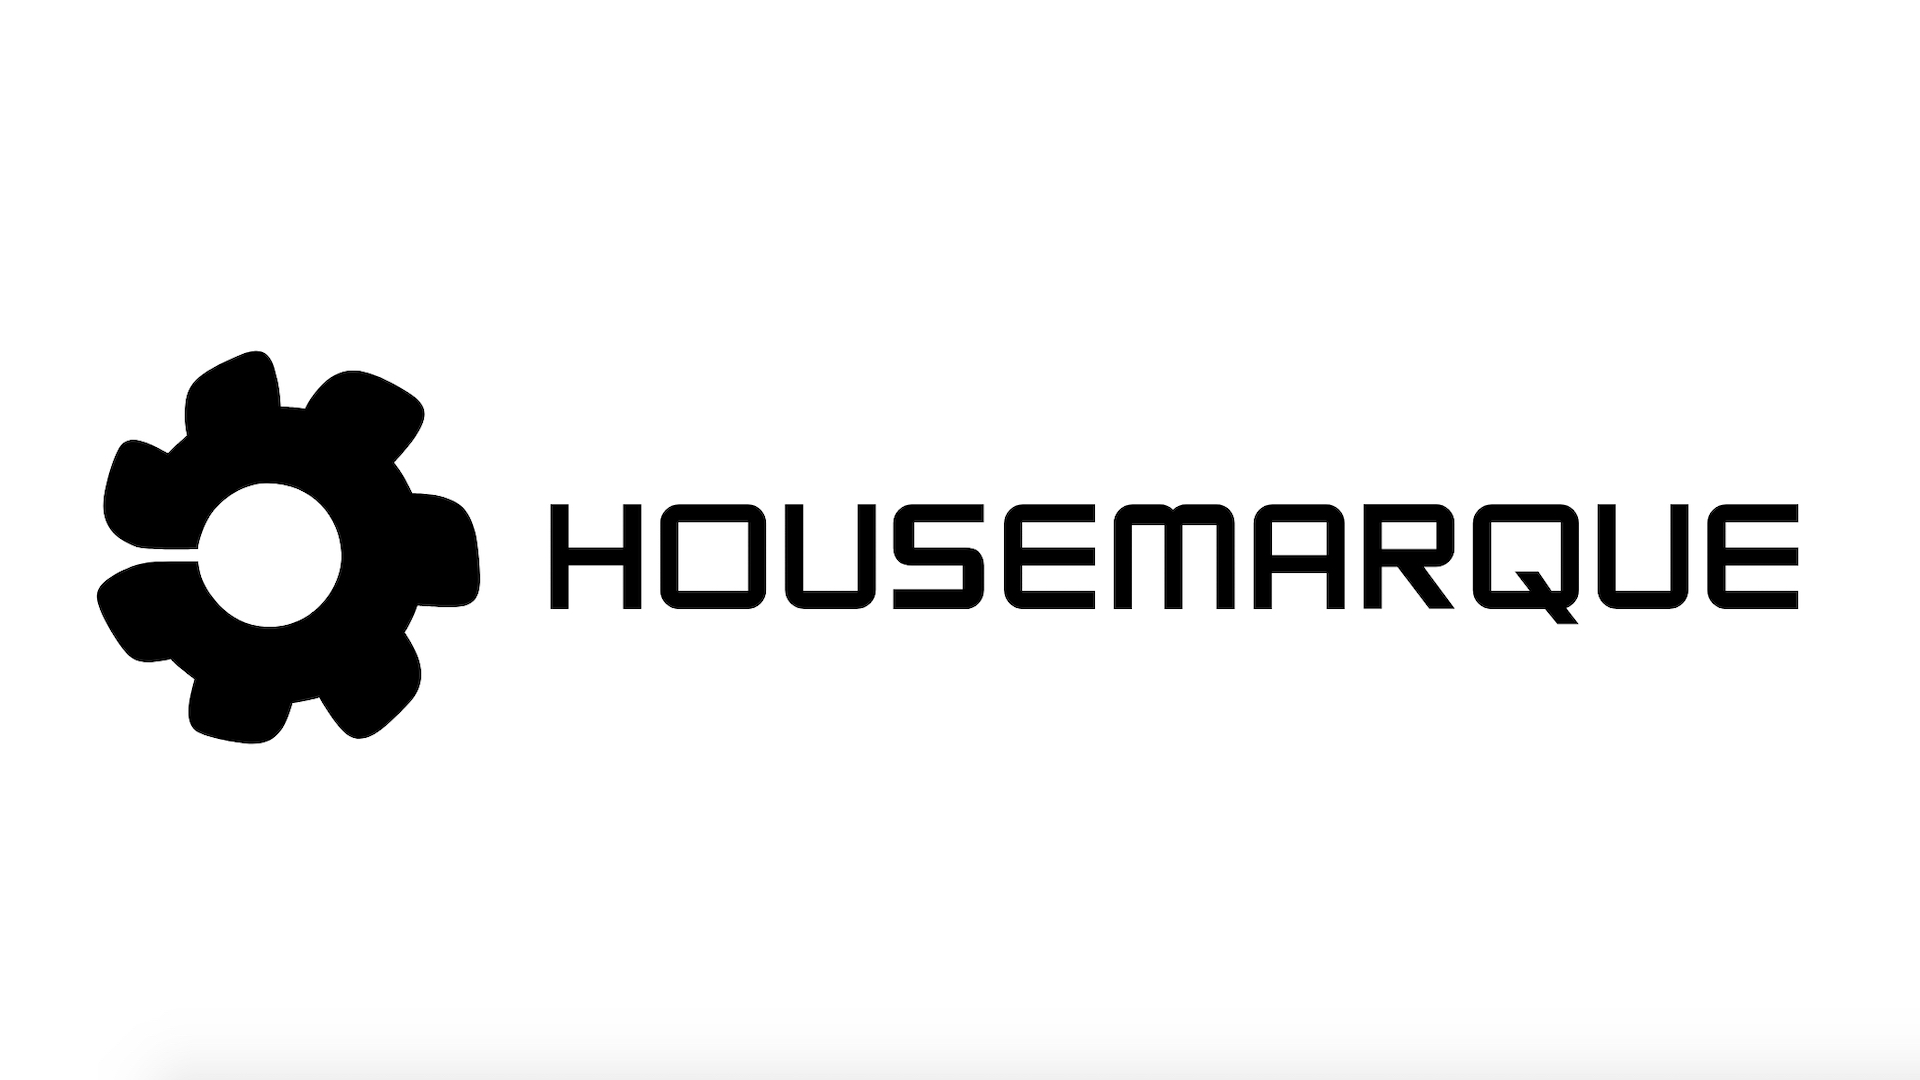 housemarque logo